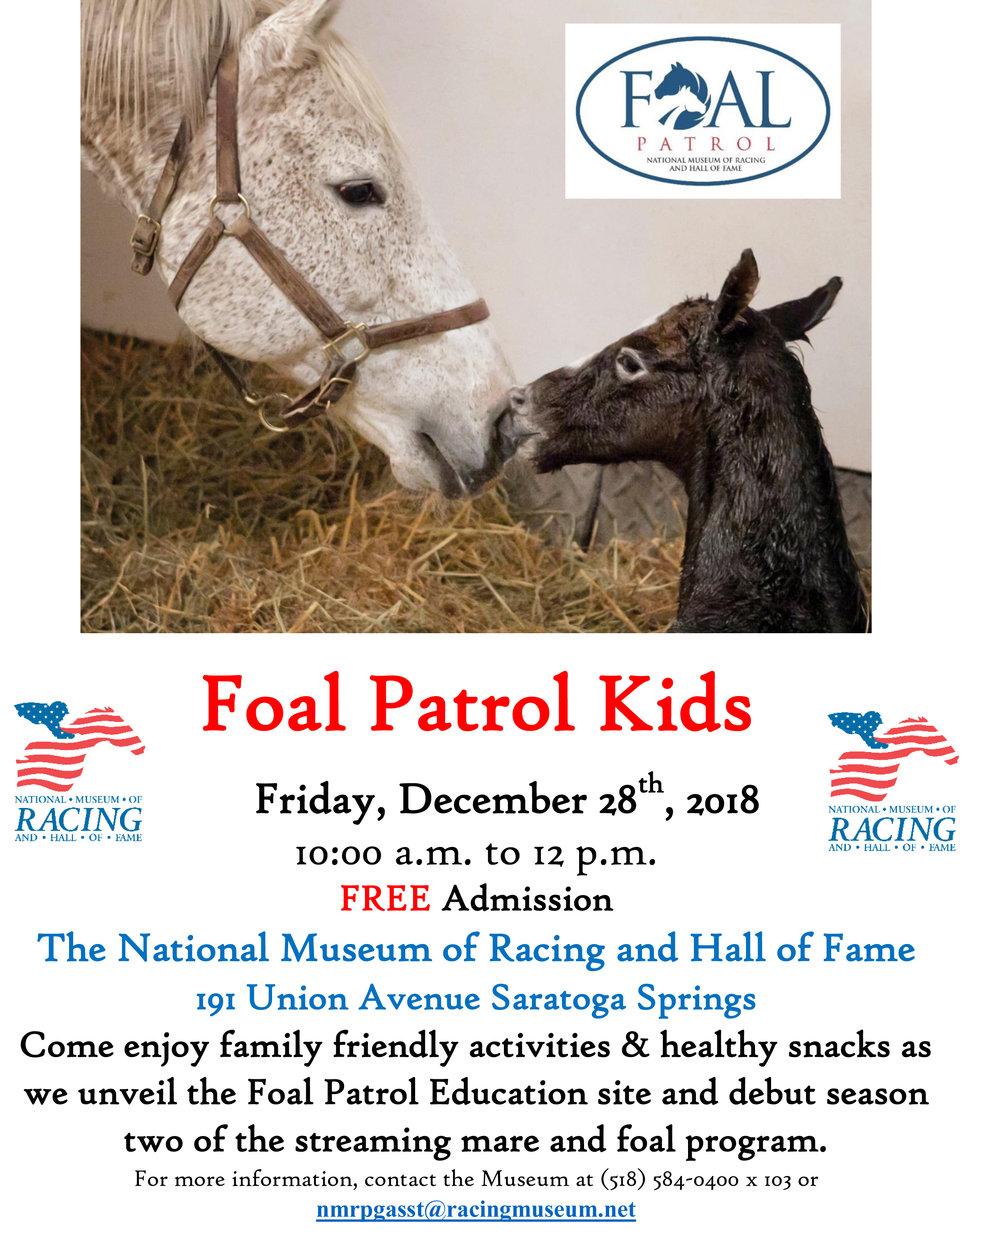 Foal Patrol Kids event flyer 12.jpg